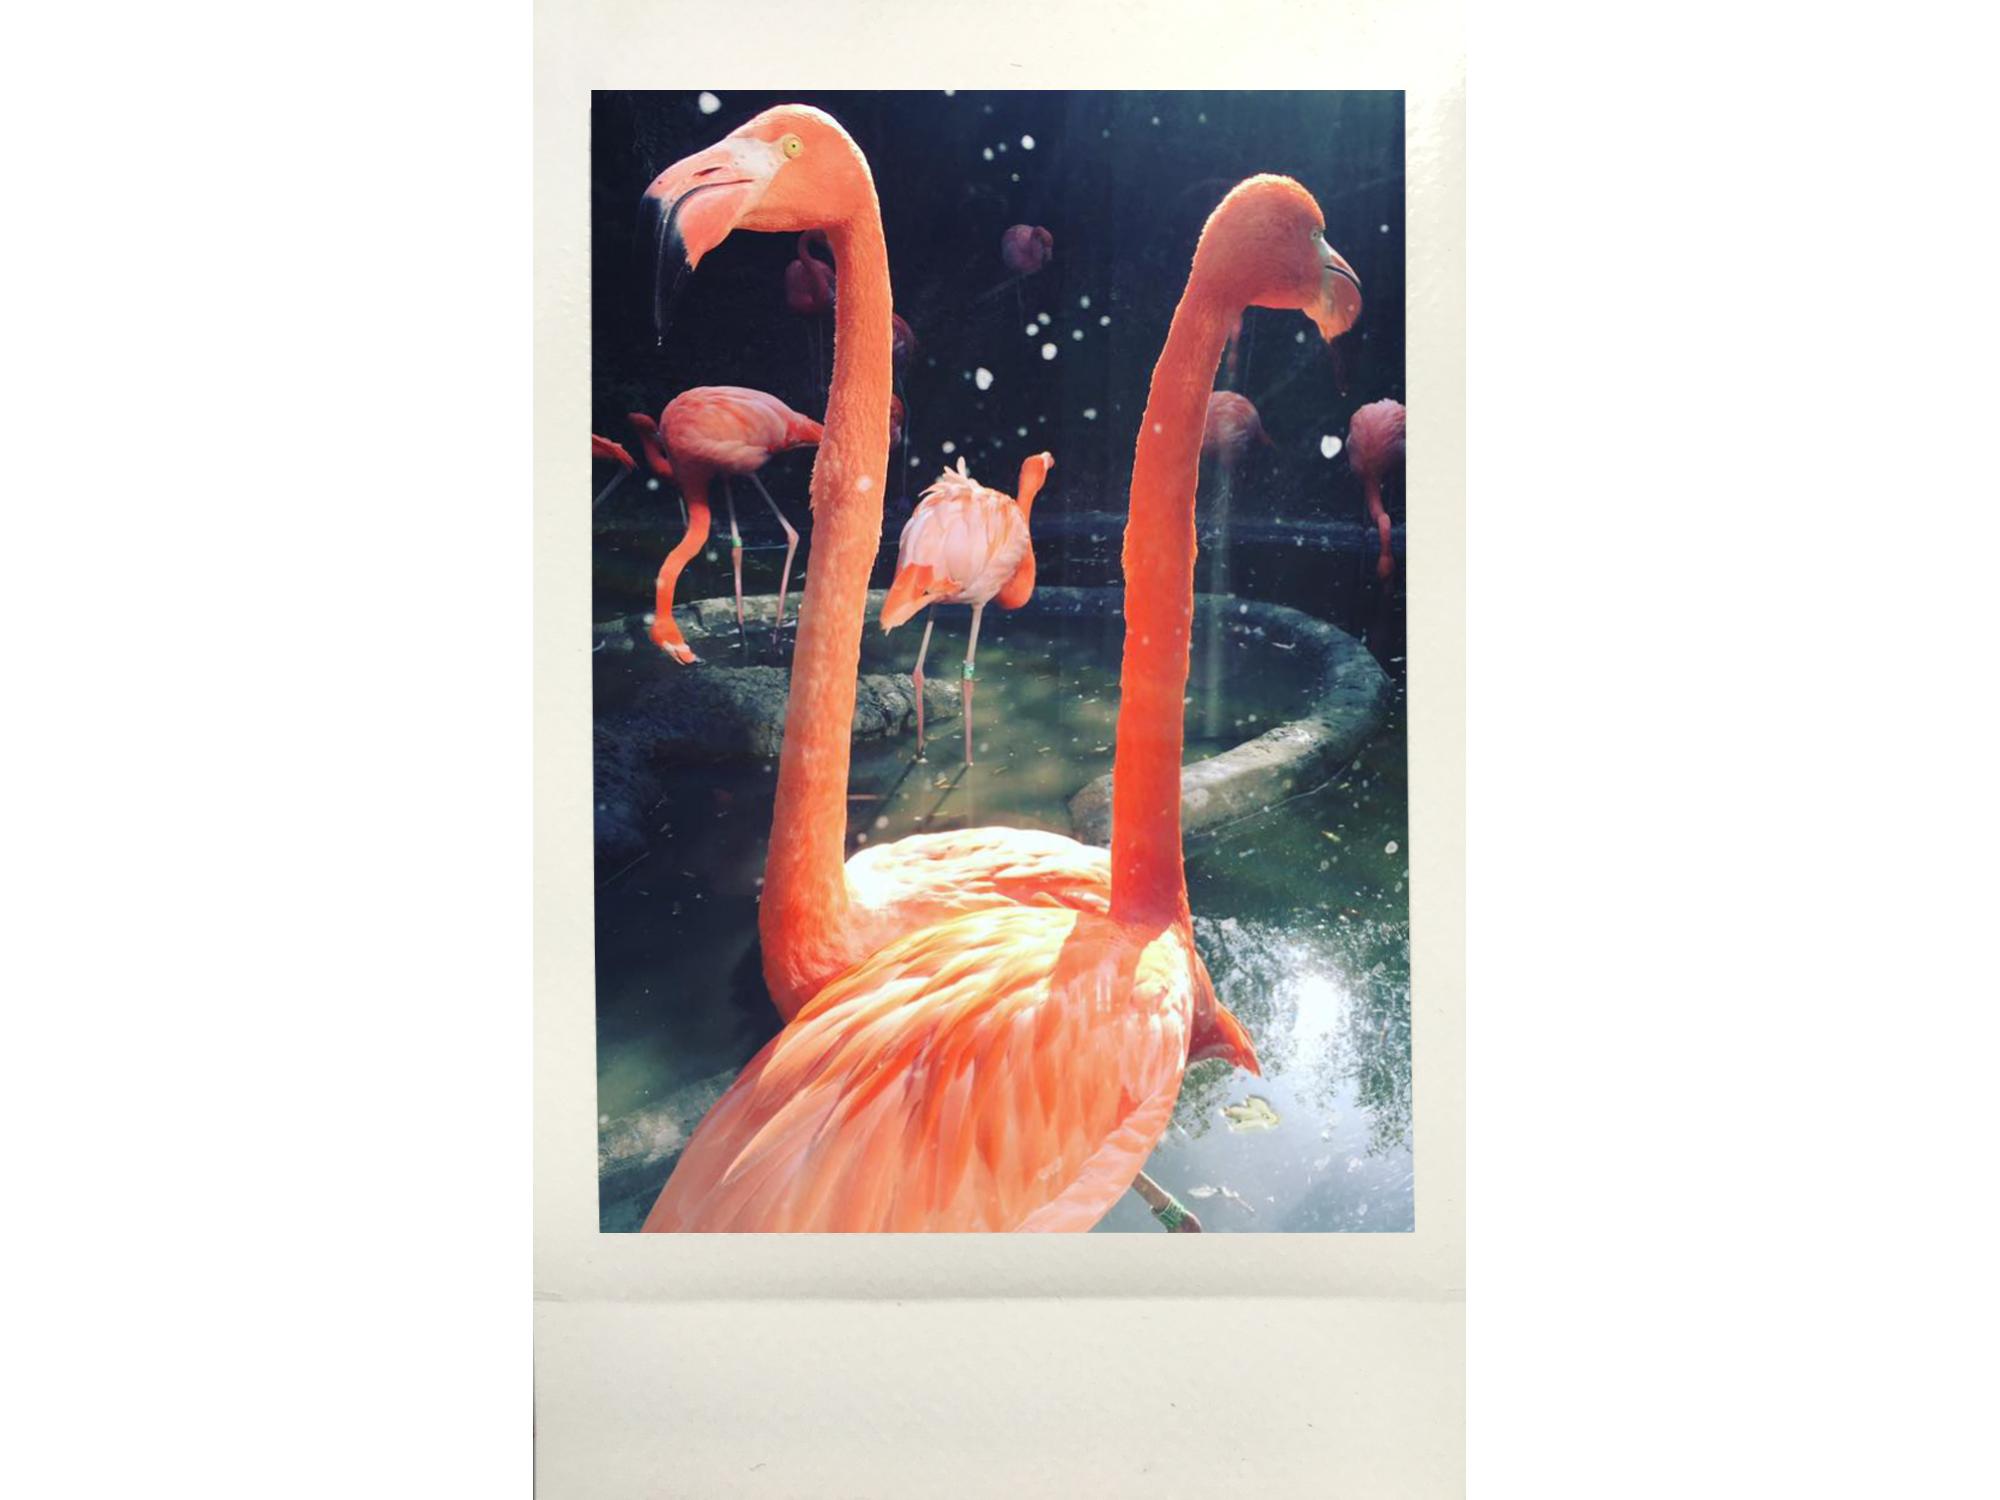 From Flusspferds to Flamingos  Vienna, Austria